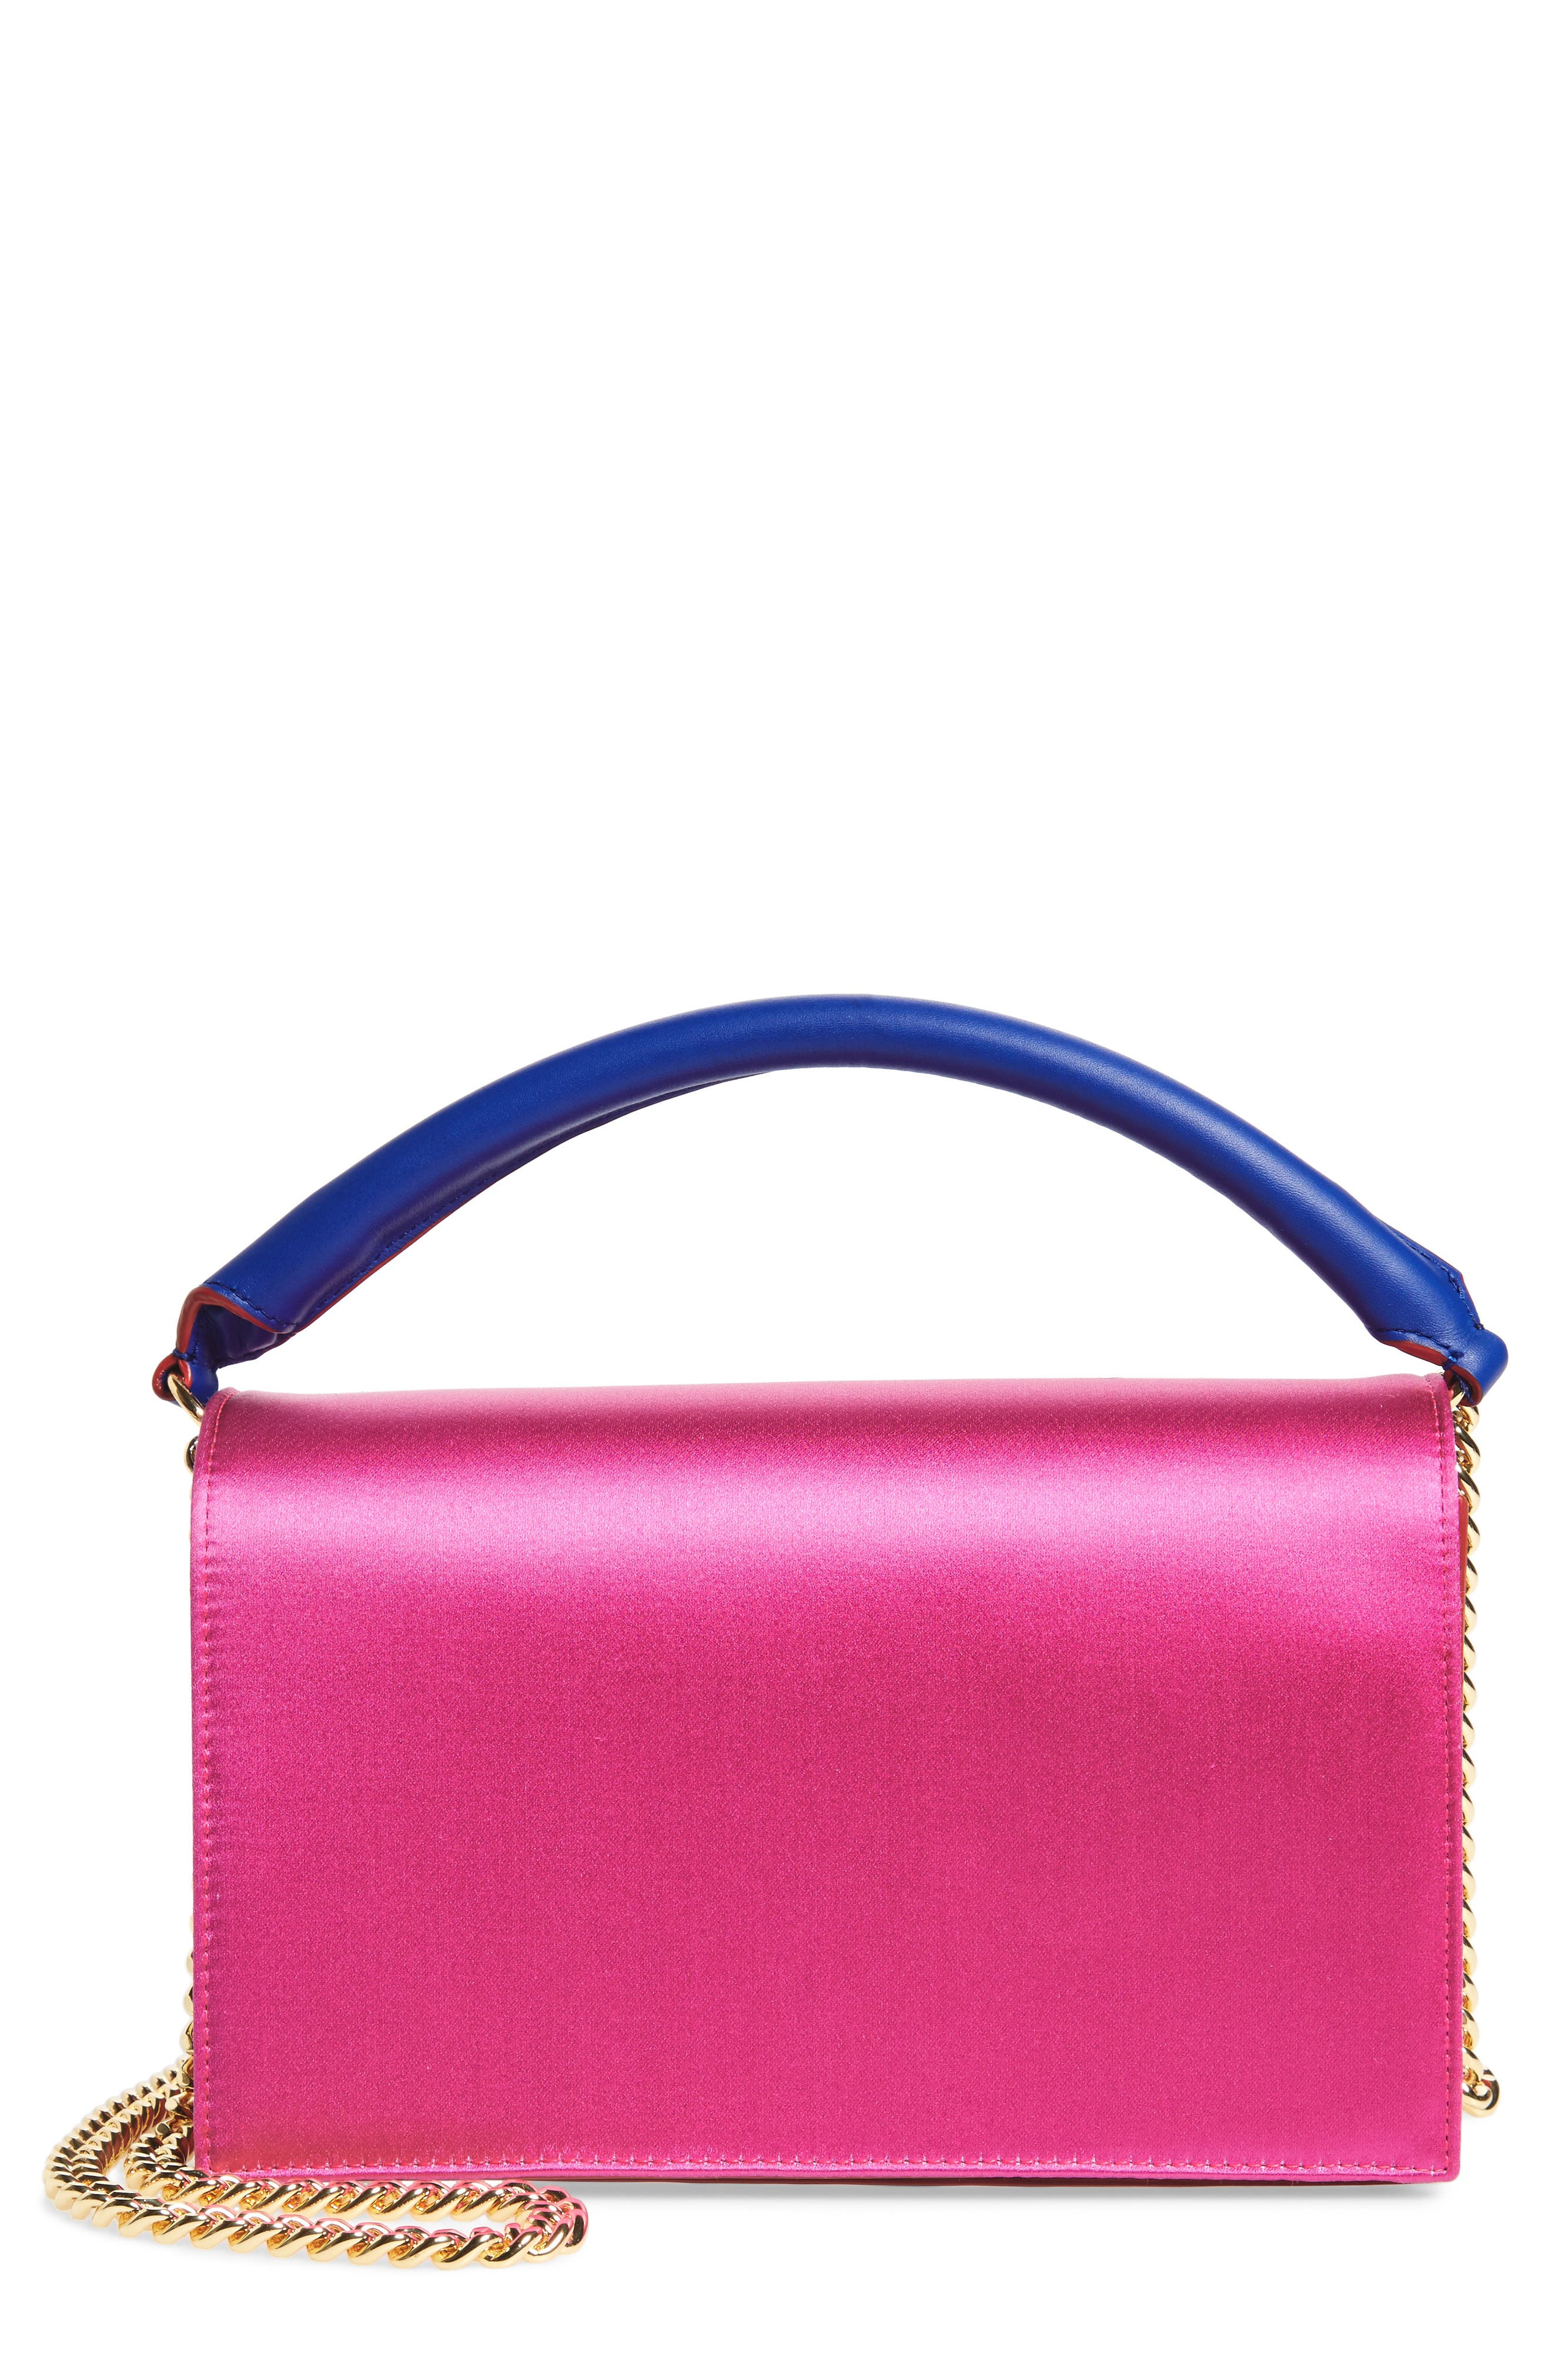 Soirée Satin & Leather Top Handle Bag,                         Main,                         color, 673